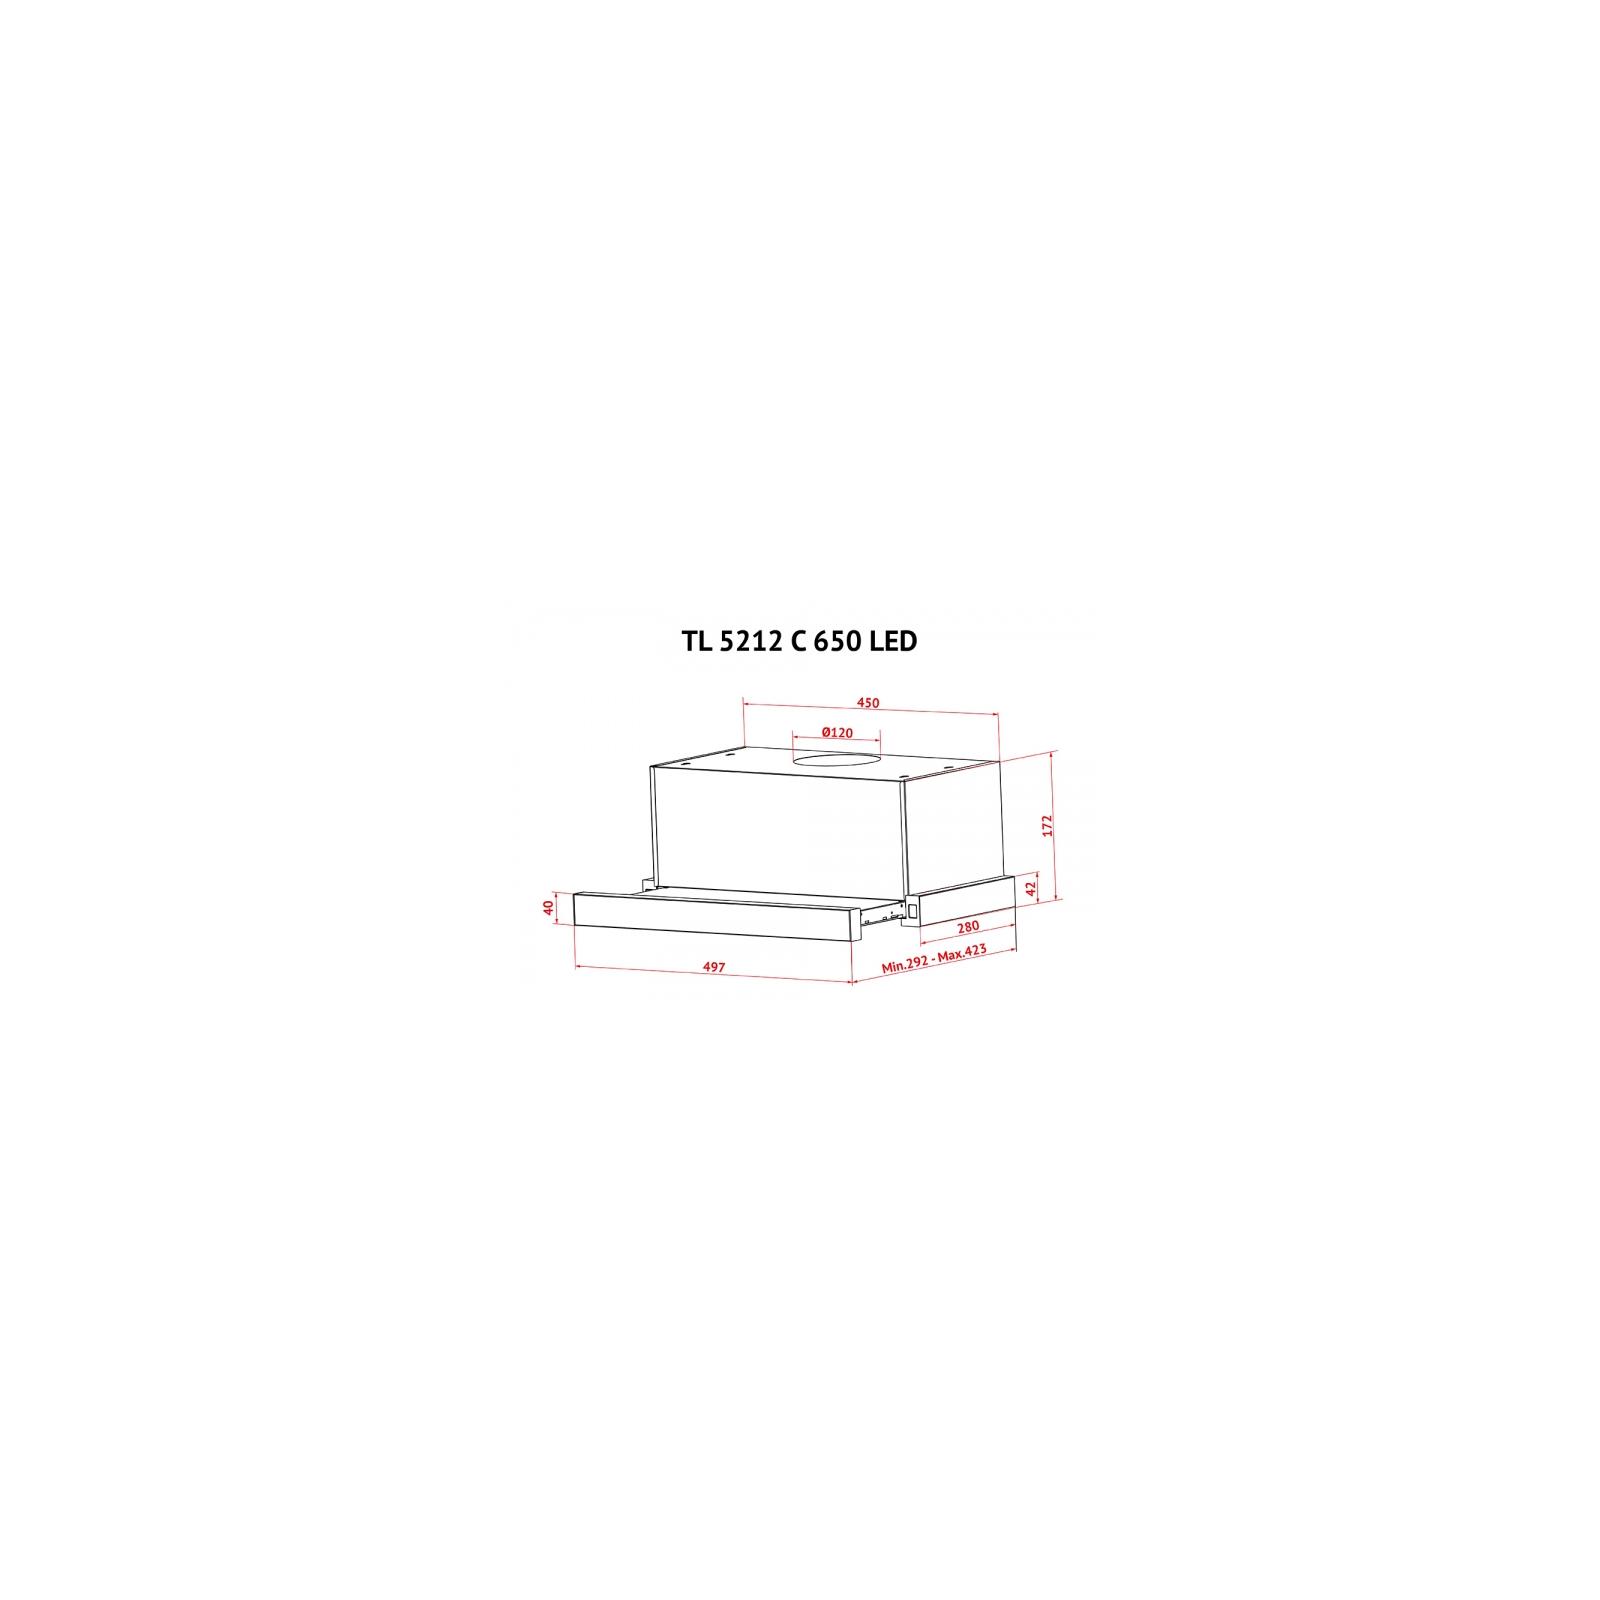 Вытяжка кухонная Perfelli TL 5212 C S/I 650 LED изображение 12